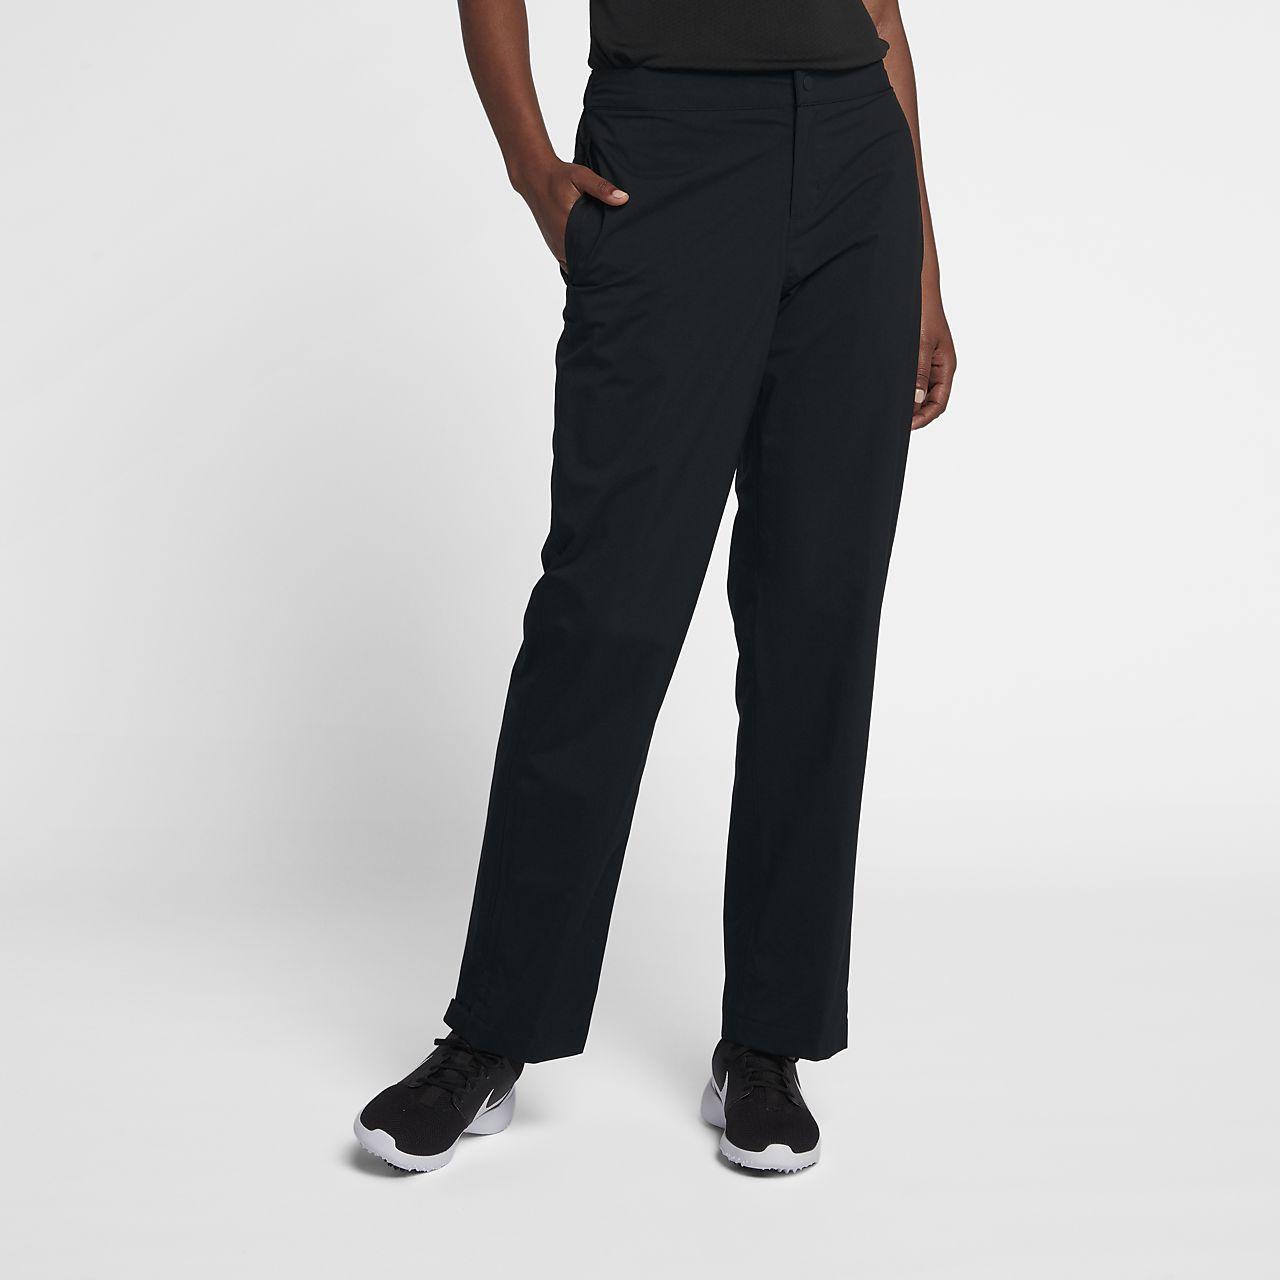 Nike HyperShield Women's Golf Trousers